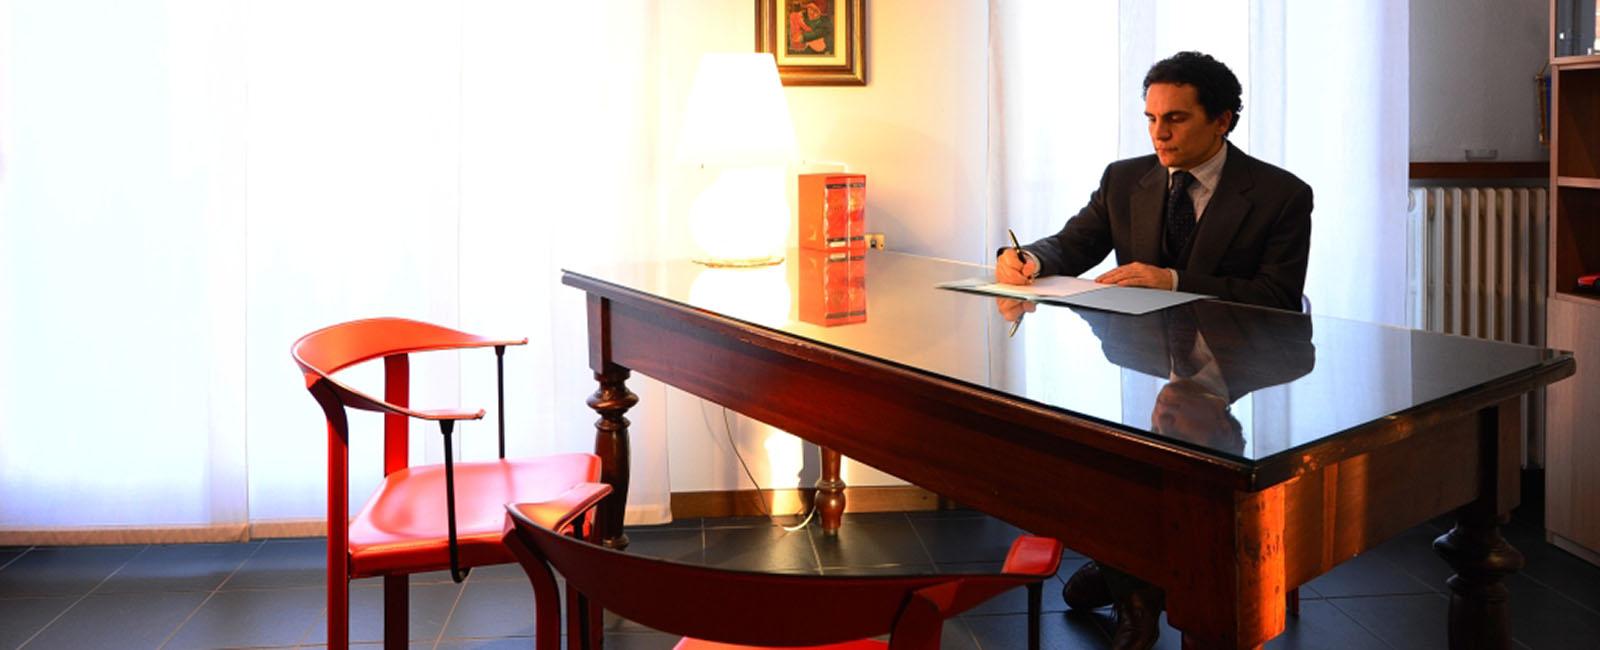 Avvocato Aereoporto Malpensa - Contattaci per una consulenza